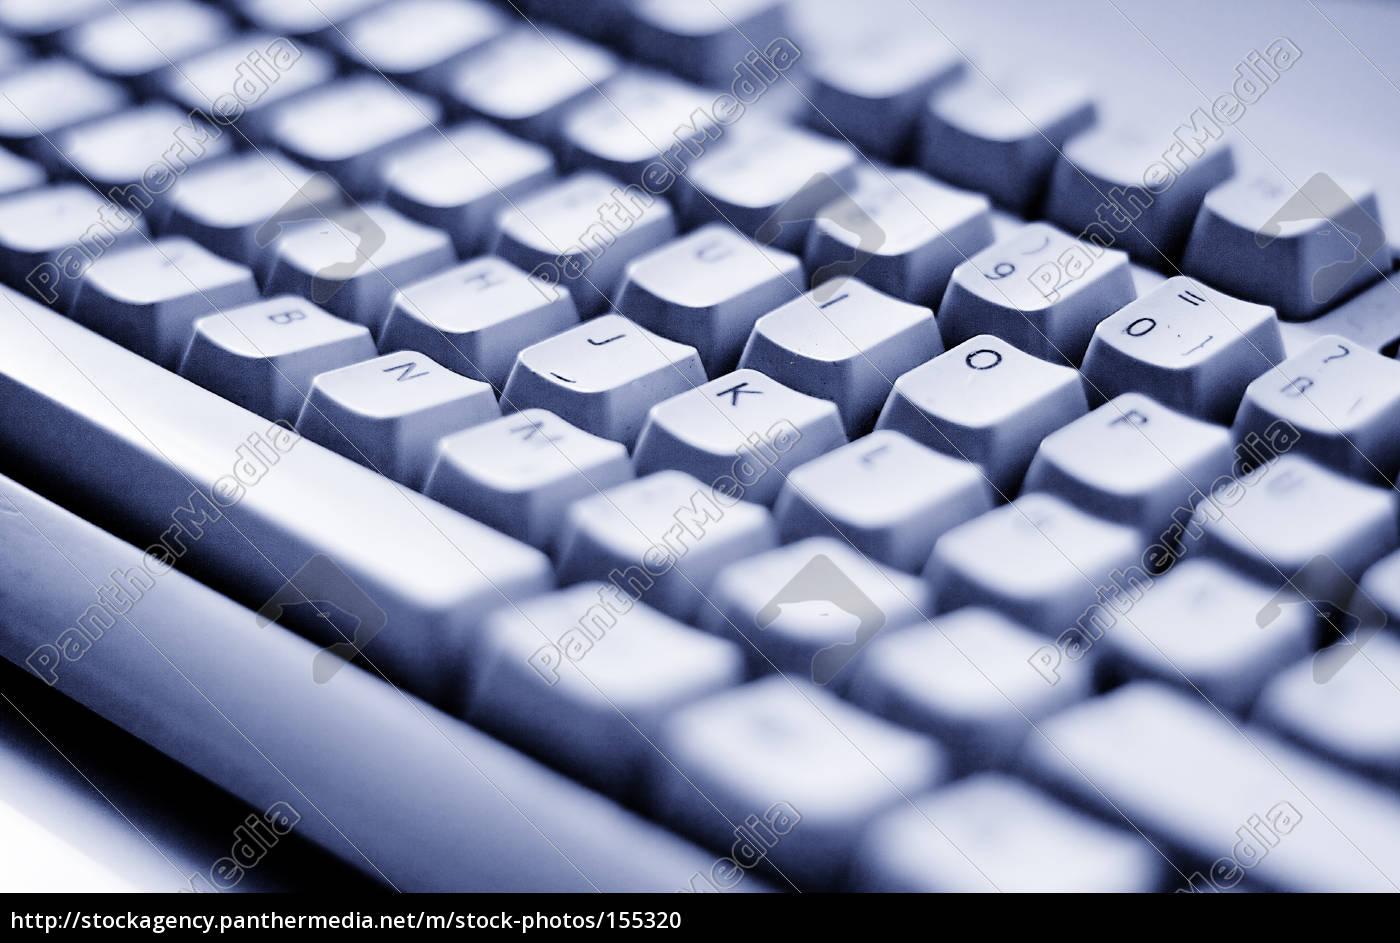 computer, keyboard, ii-a - 155320